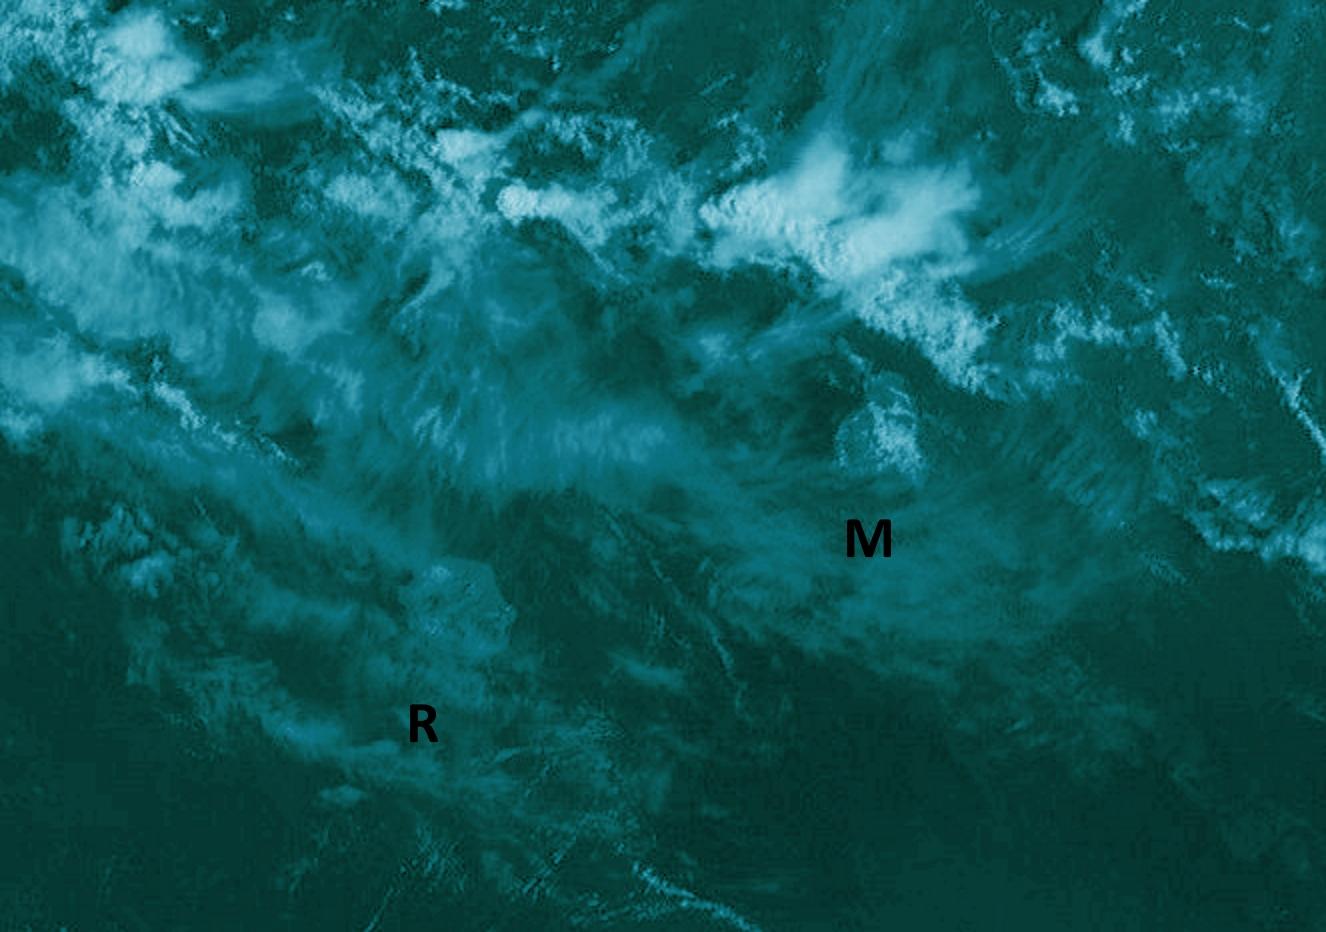 """Météosat à 10h. Nombreux nuages élevés dans votre ciel aujourd'hui. Des nuages plus actifs circulent au nord de Maurice. Crédit image: A.Banks, que j'ai """"enhanced""""."""